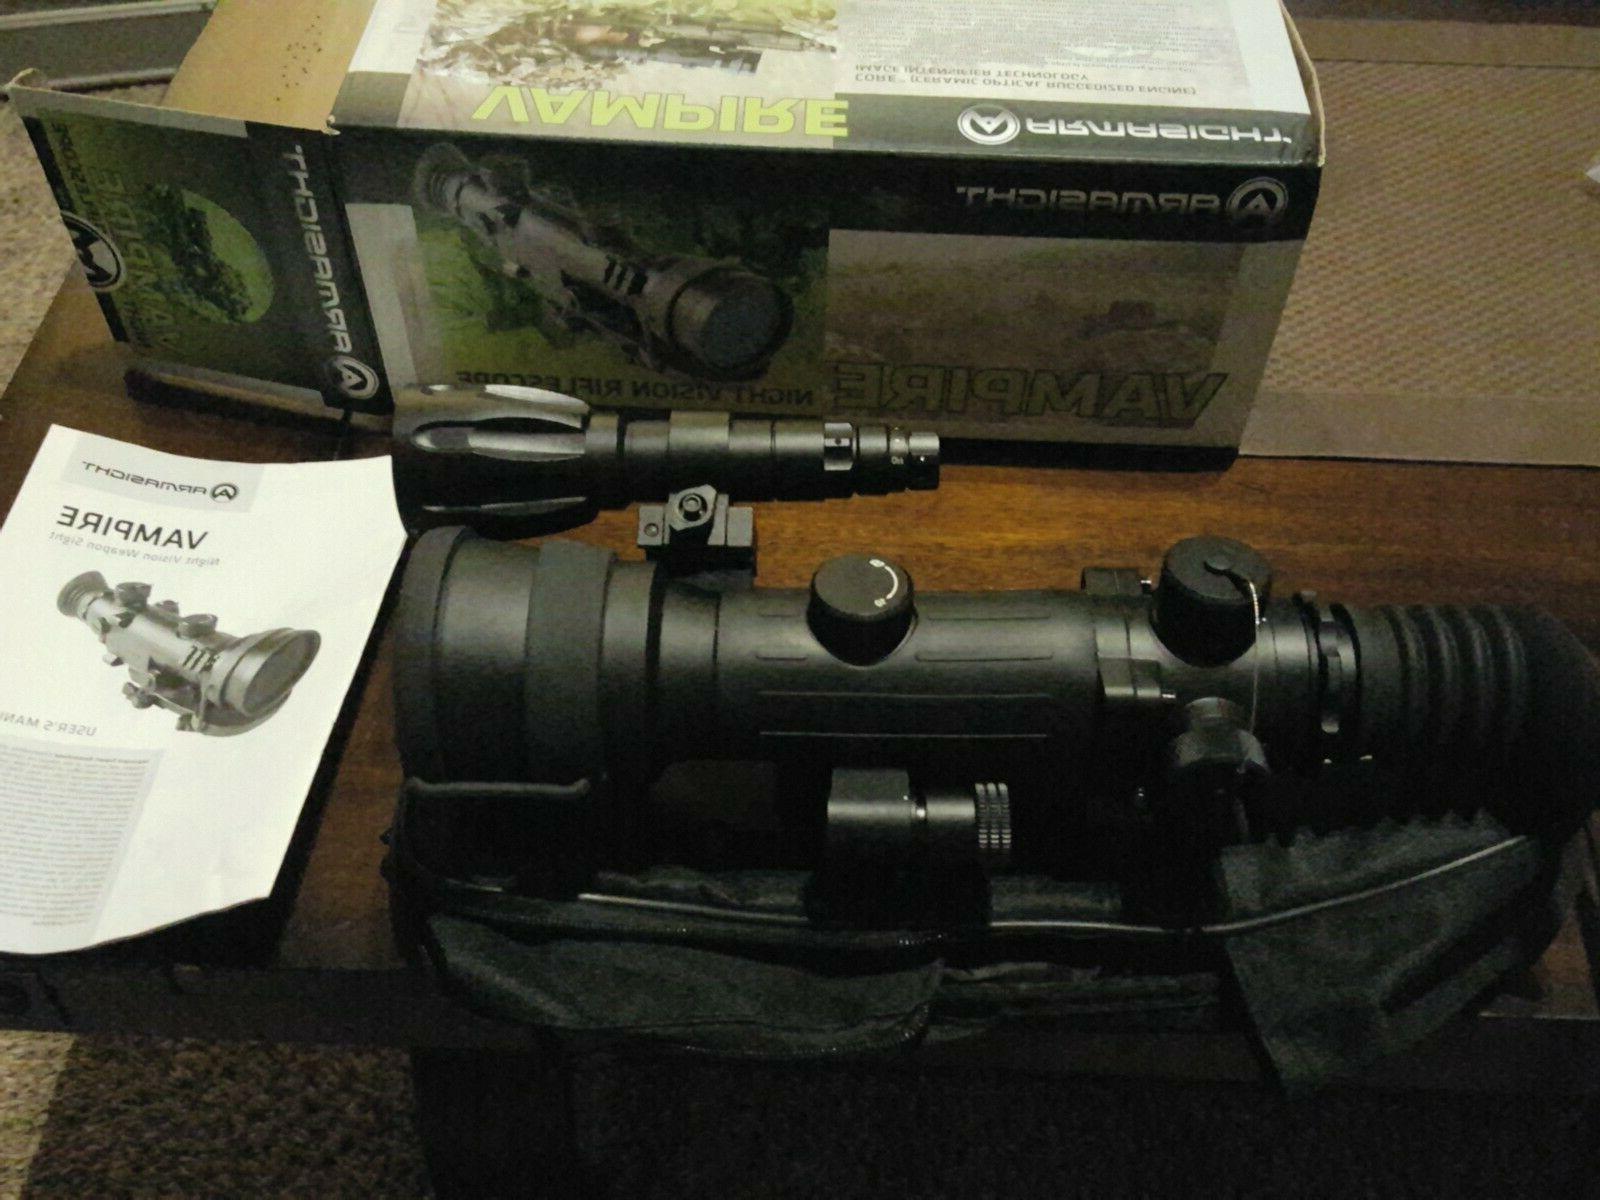 vampire 3x core iit night vision rifle